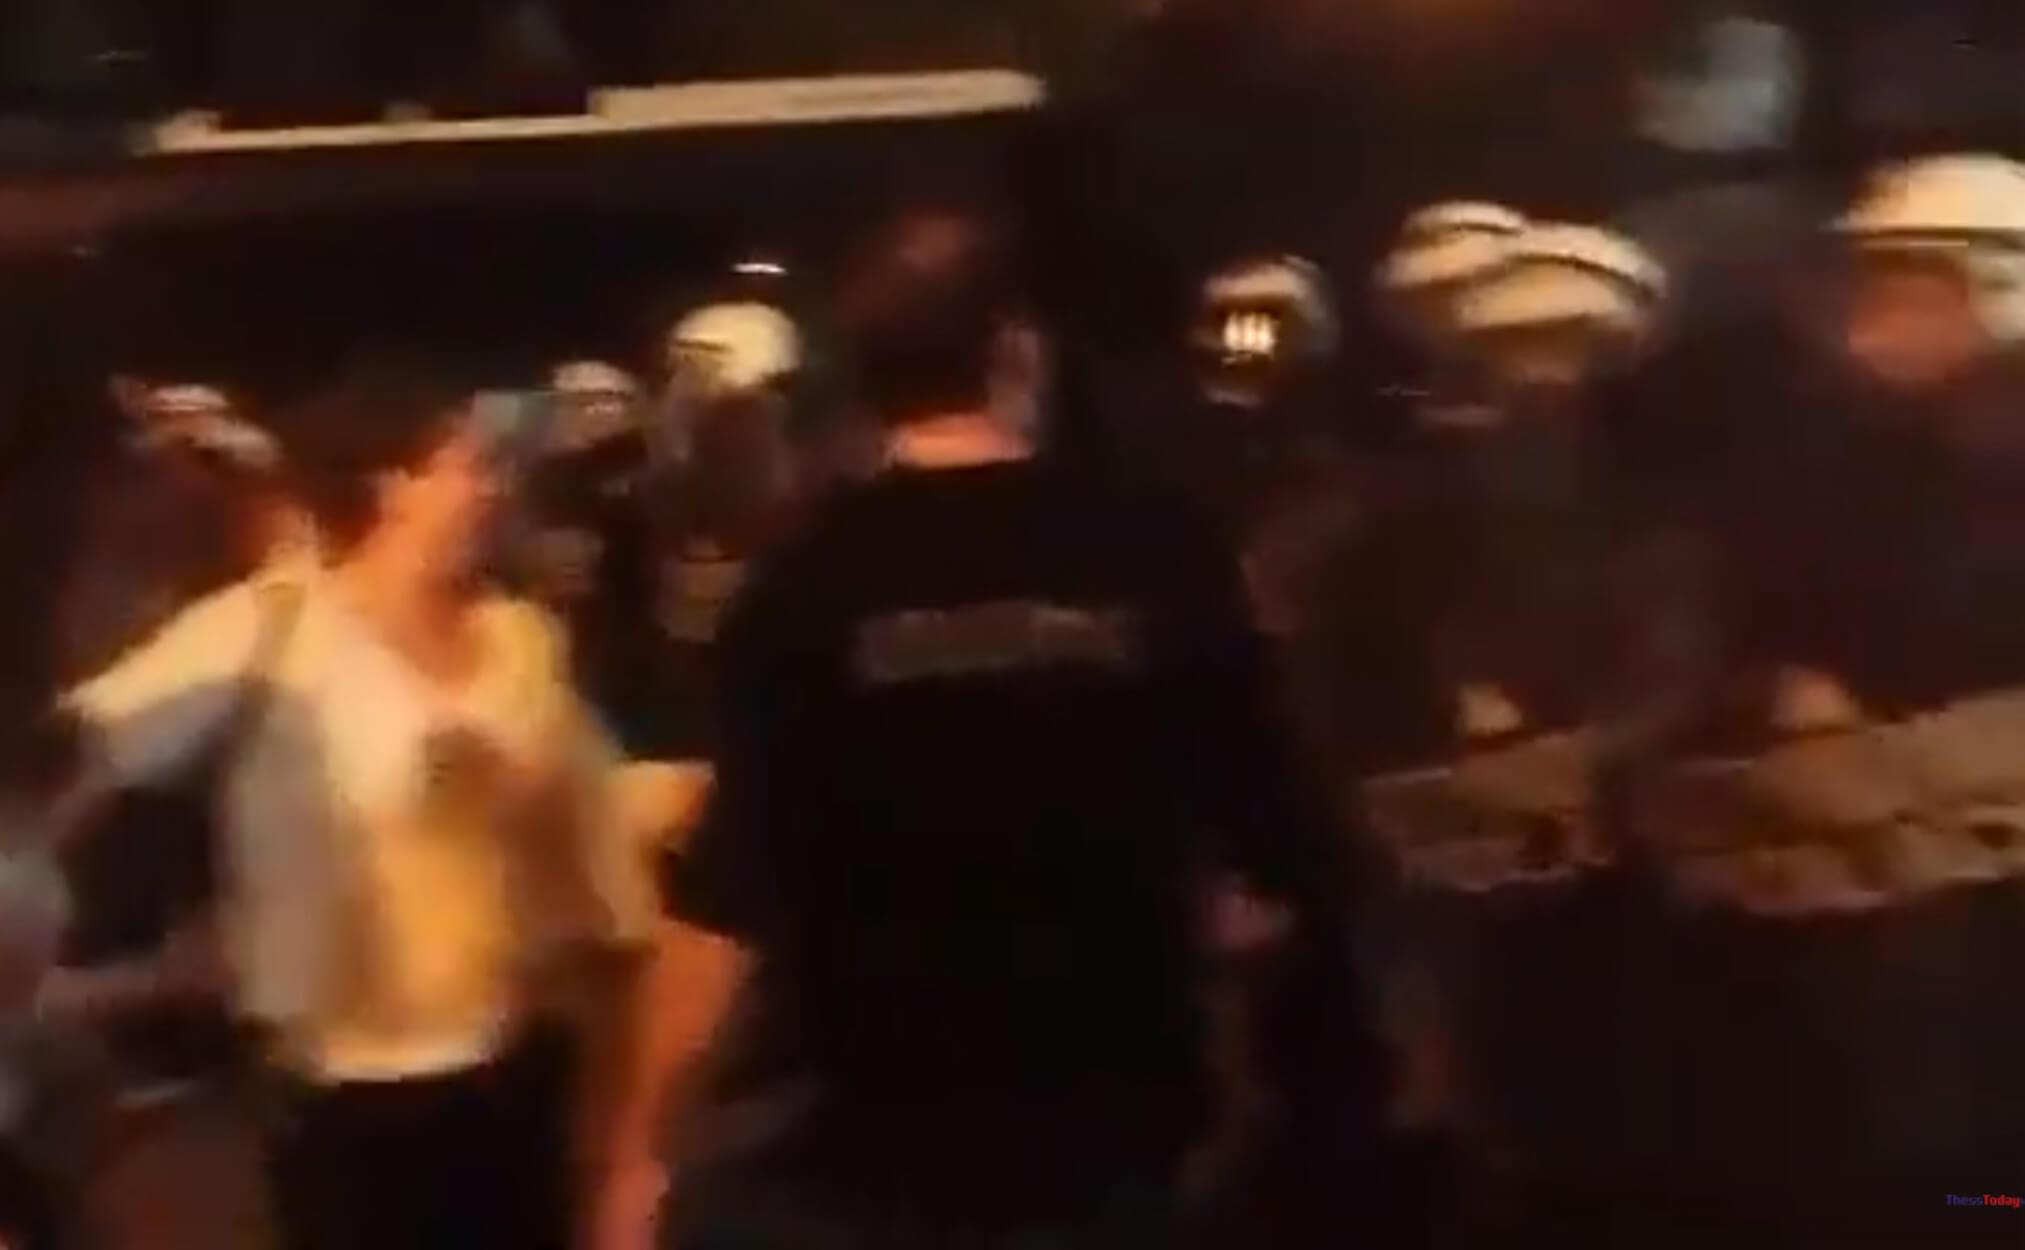 Θεσσαλονίκη: Ξύλο και χημικά στην πορεία των Αρμενίων – video